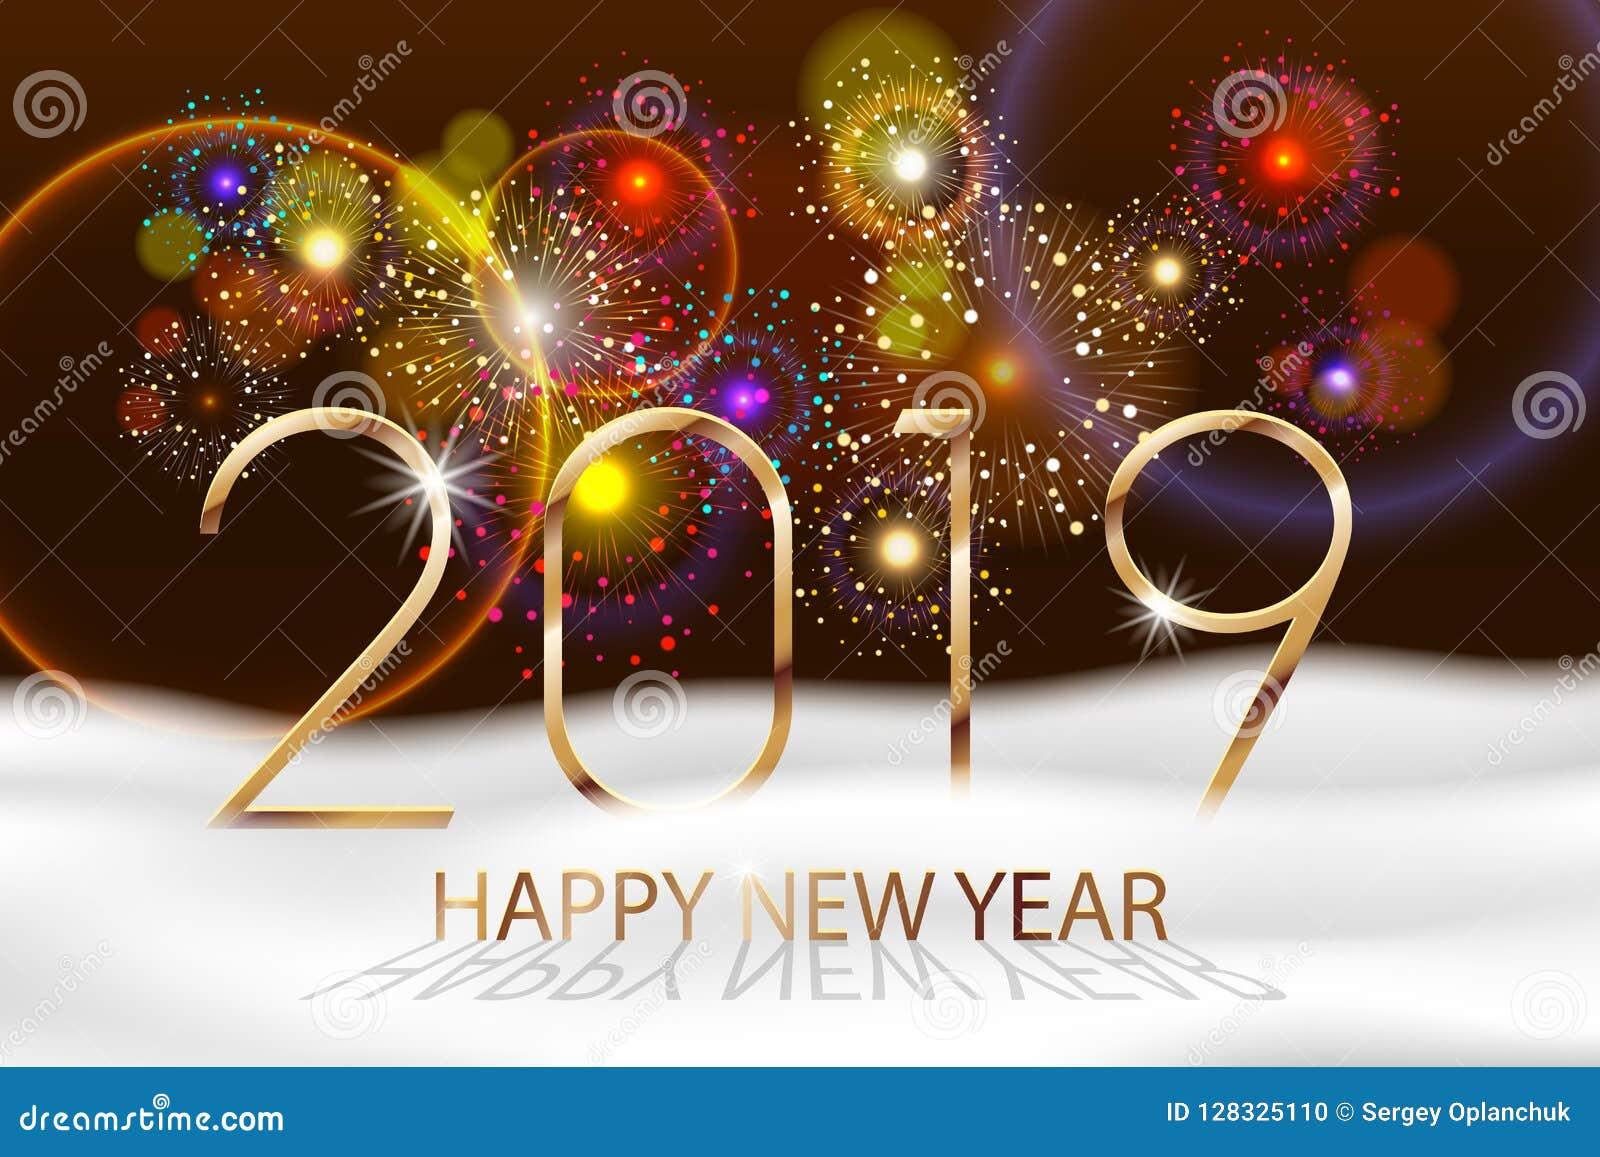 Διανυσματικό υπόβαθρο πυροτεχνημάτων διακοπών Καλή χρονιά 2019 Χαιρετισμοί εποχών, ζωηρόχρωμο σχέδιο πυροτεχνημάτων με το άσπρο χ